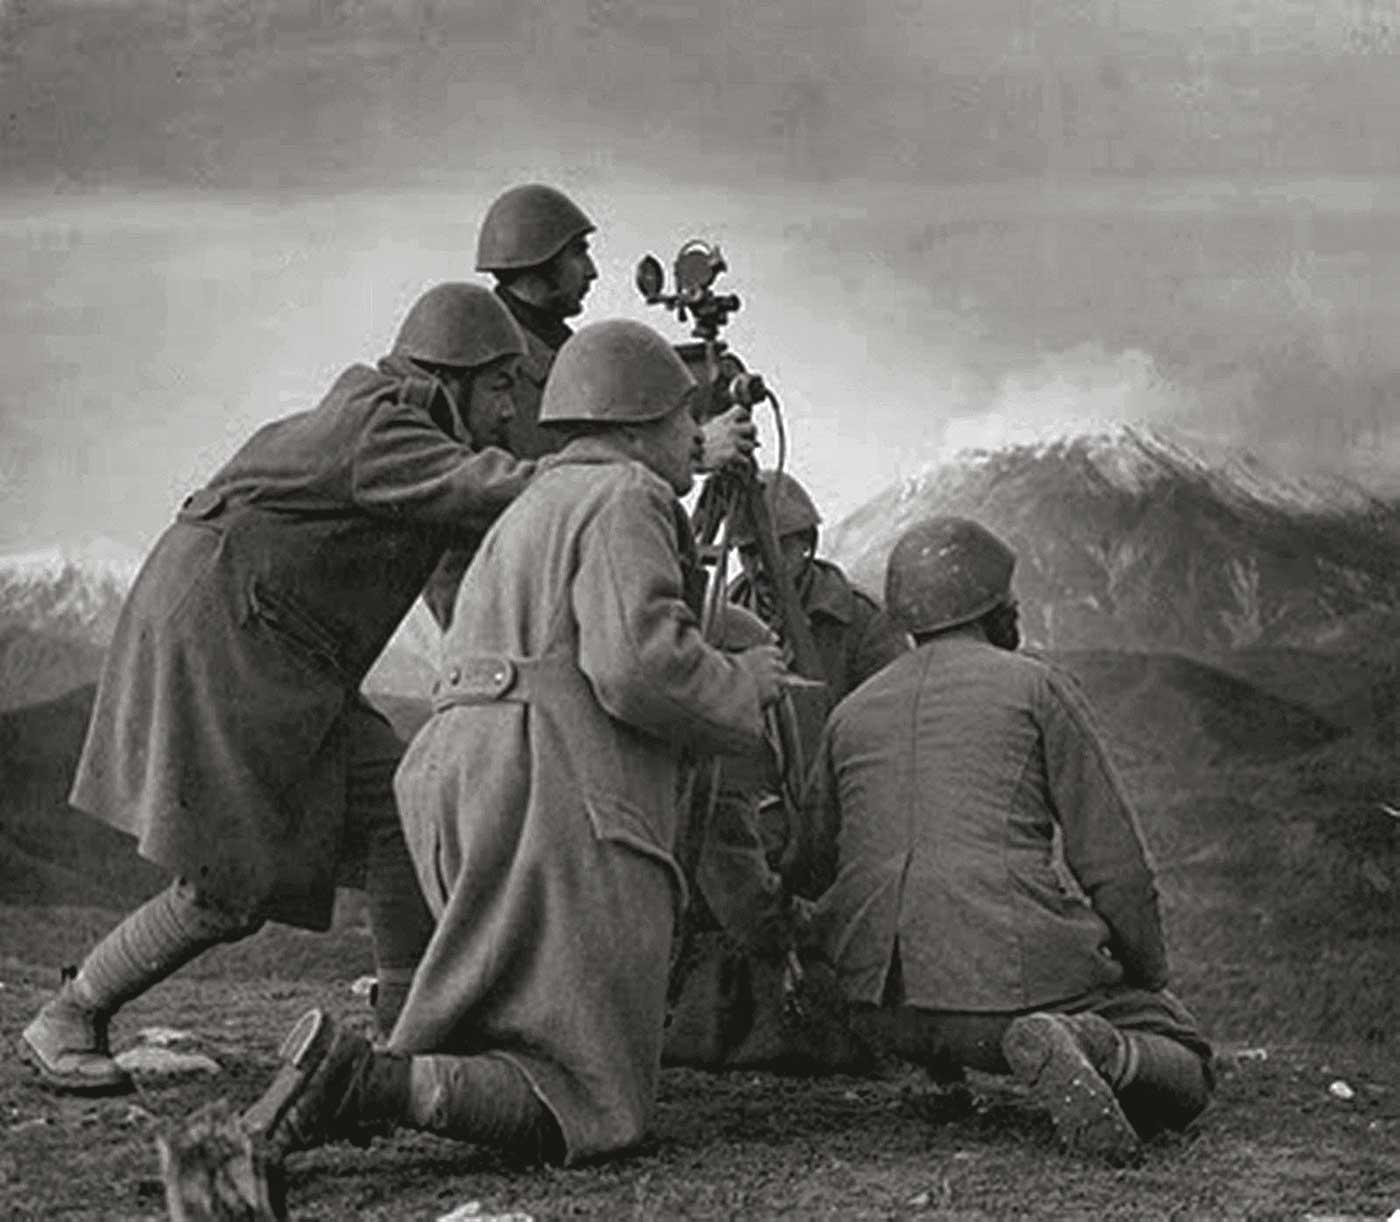 ΚΑΛΠΑΚΙ 1940 Η VIII (ΟΓΔΟΗ) ΜΕΡΑΡΧΙΑ ΣΥΝΤΡΙΒΕΙ ΤΟΥΣ ΙΤΑΛΟΥΣ